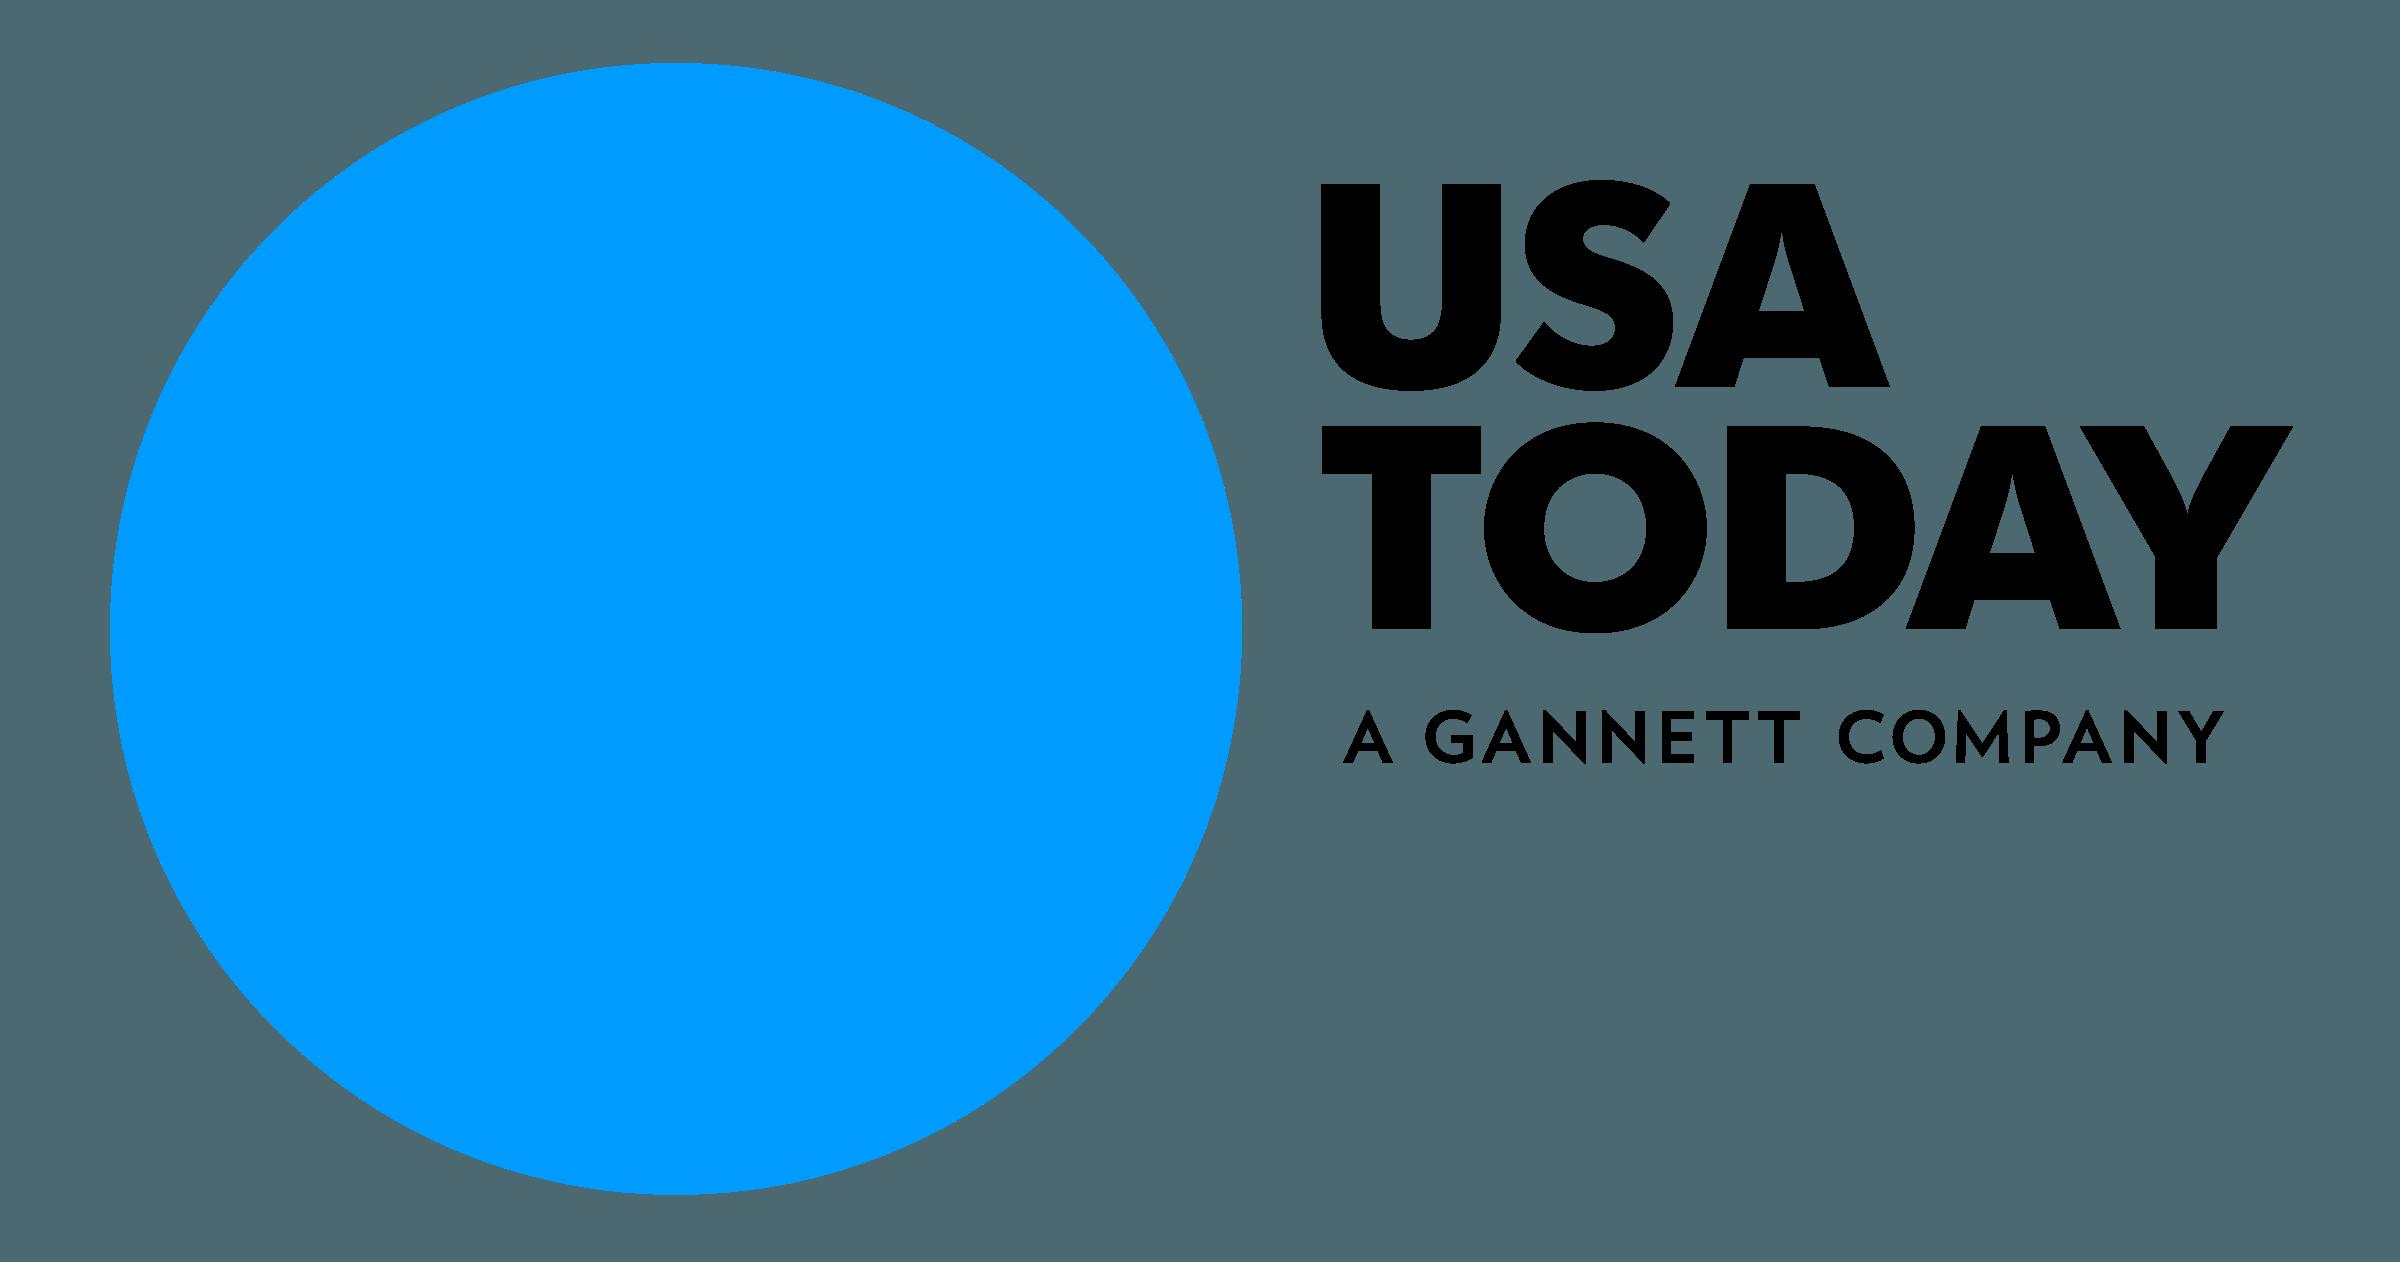 usa-today-logo-transparent.png